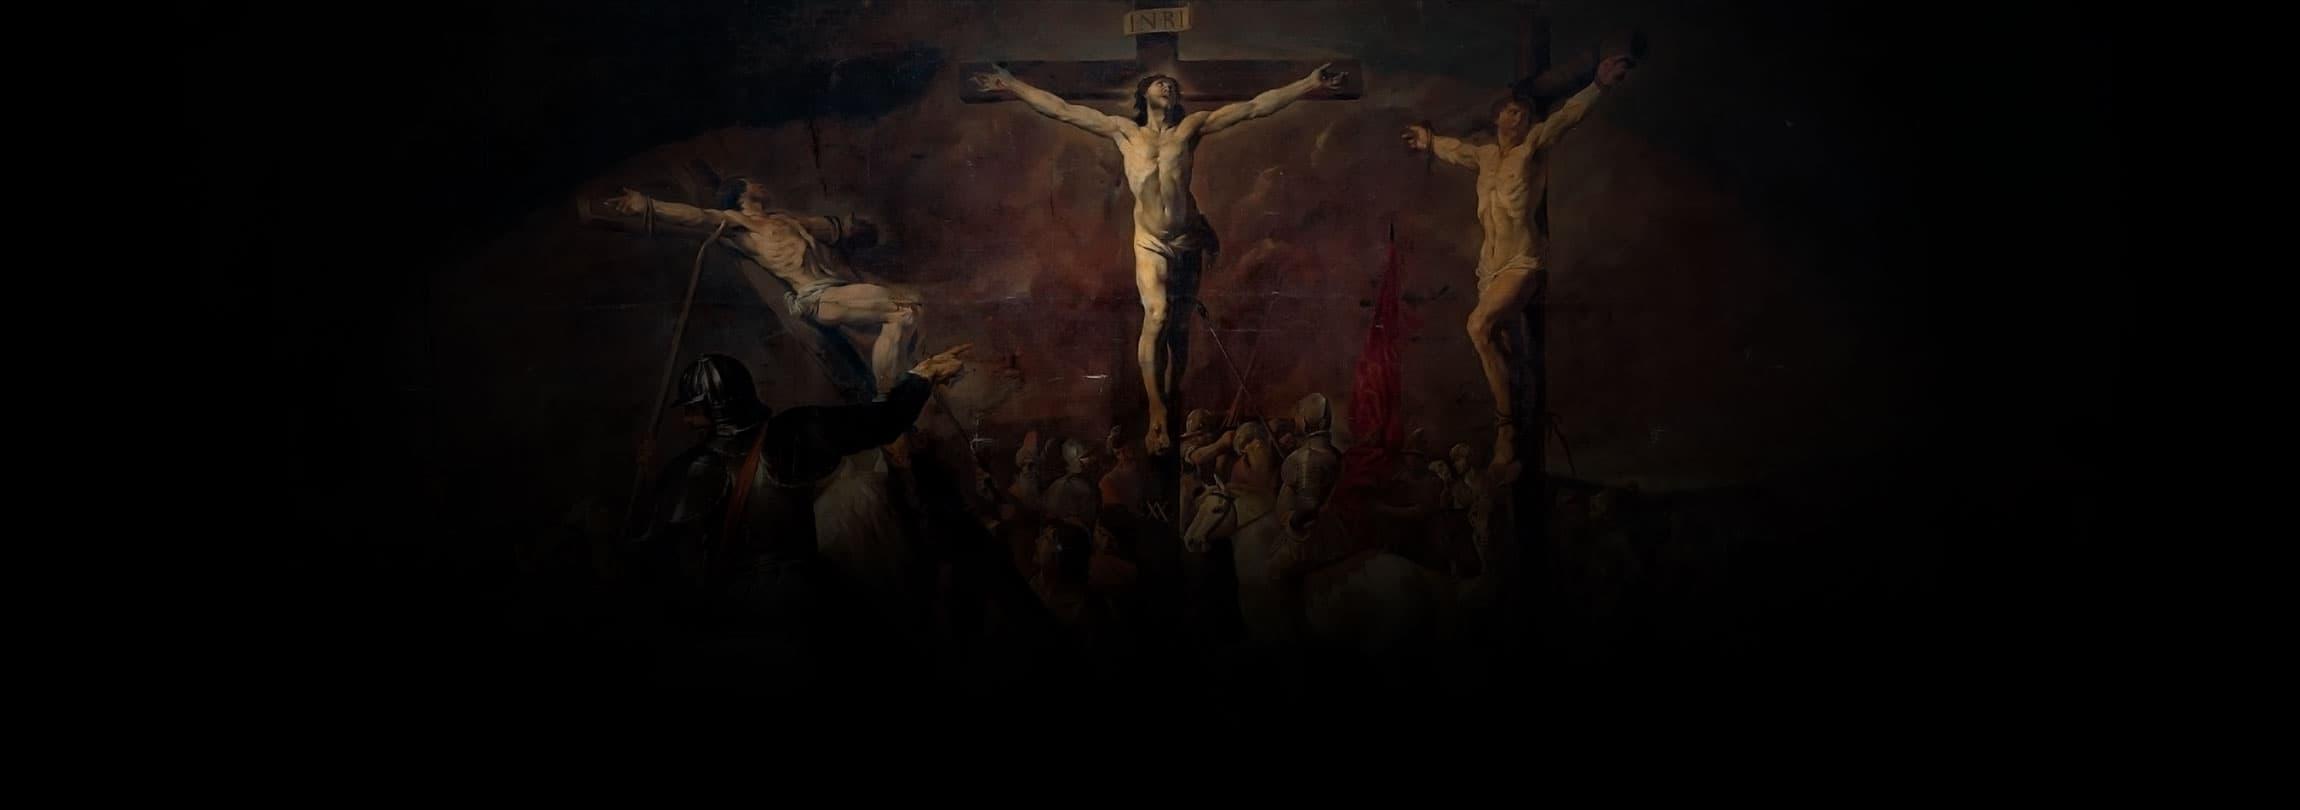 Não existe cristianismo sem cruz